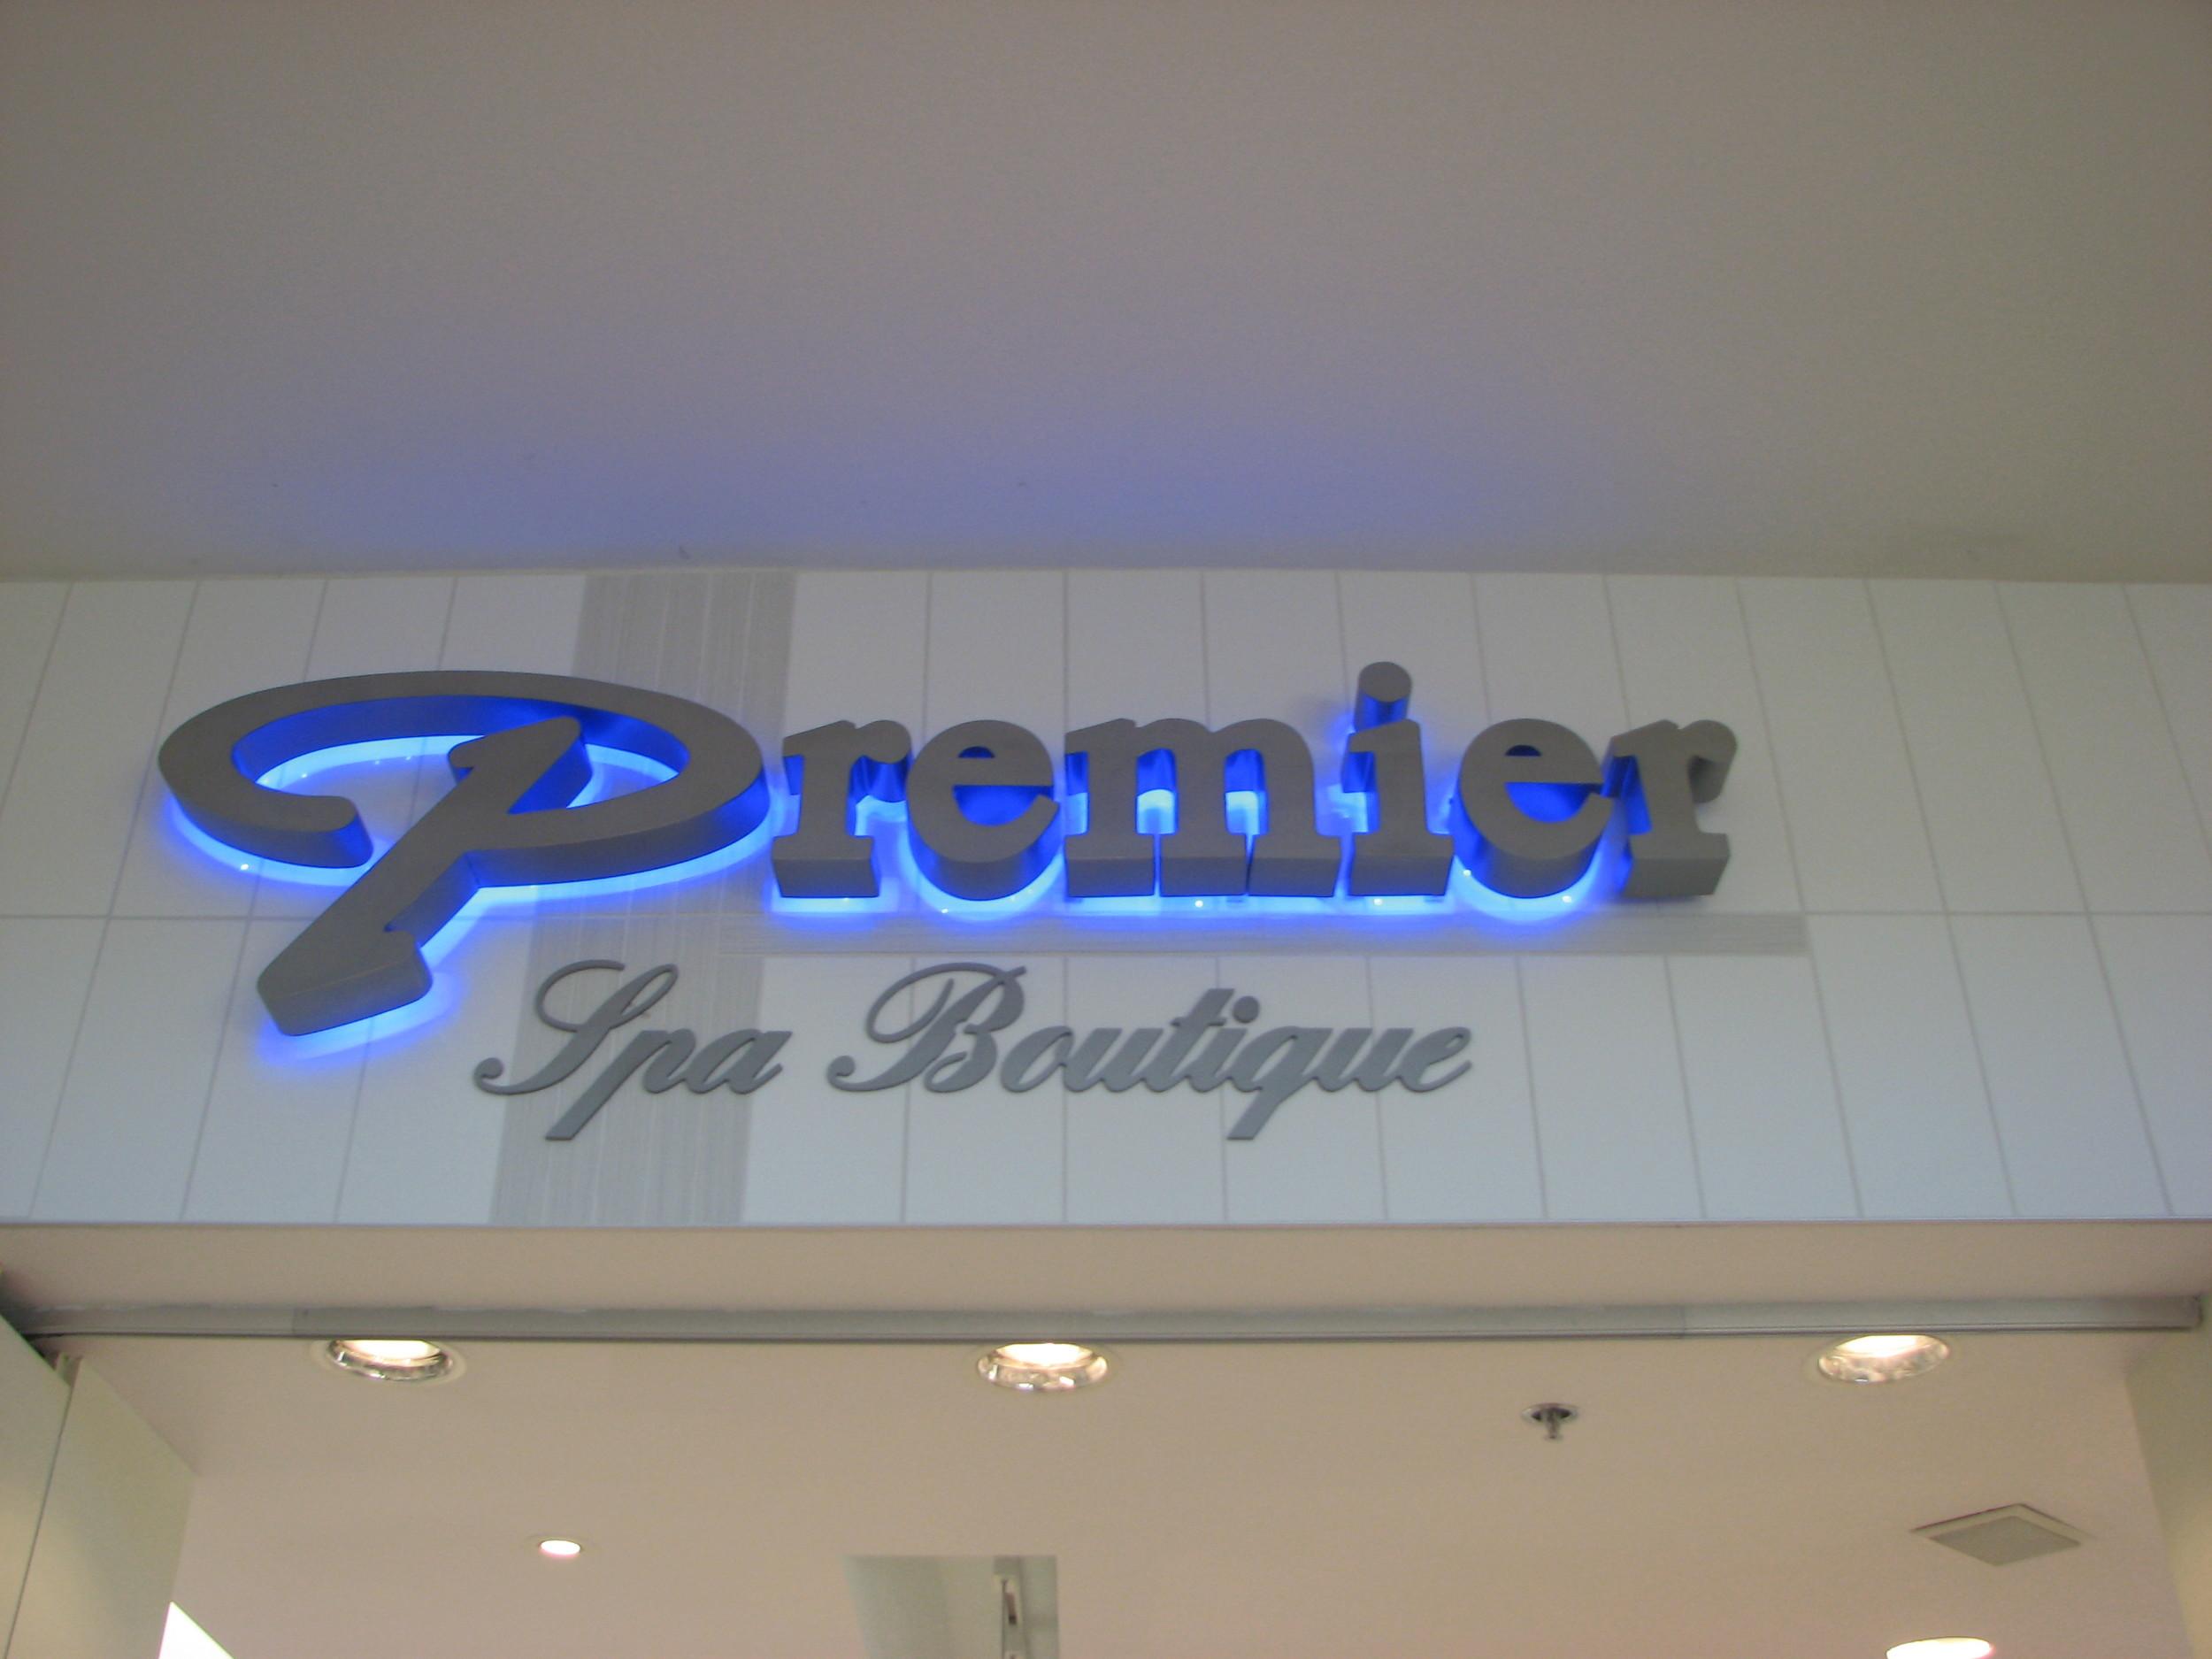 Premier Spa 022.jpg